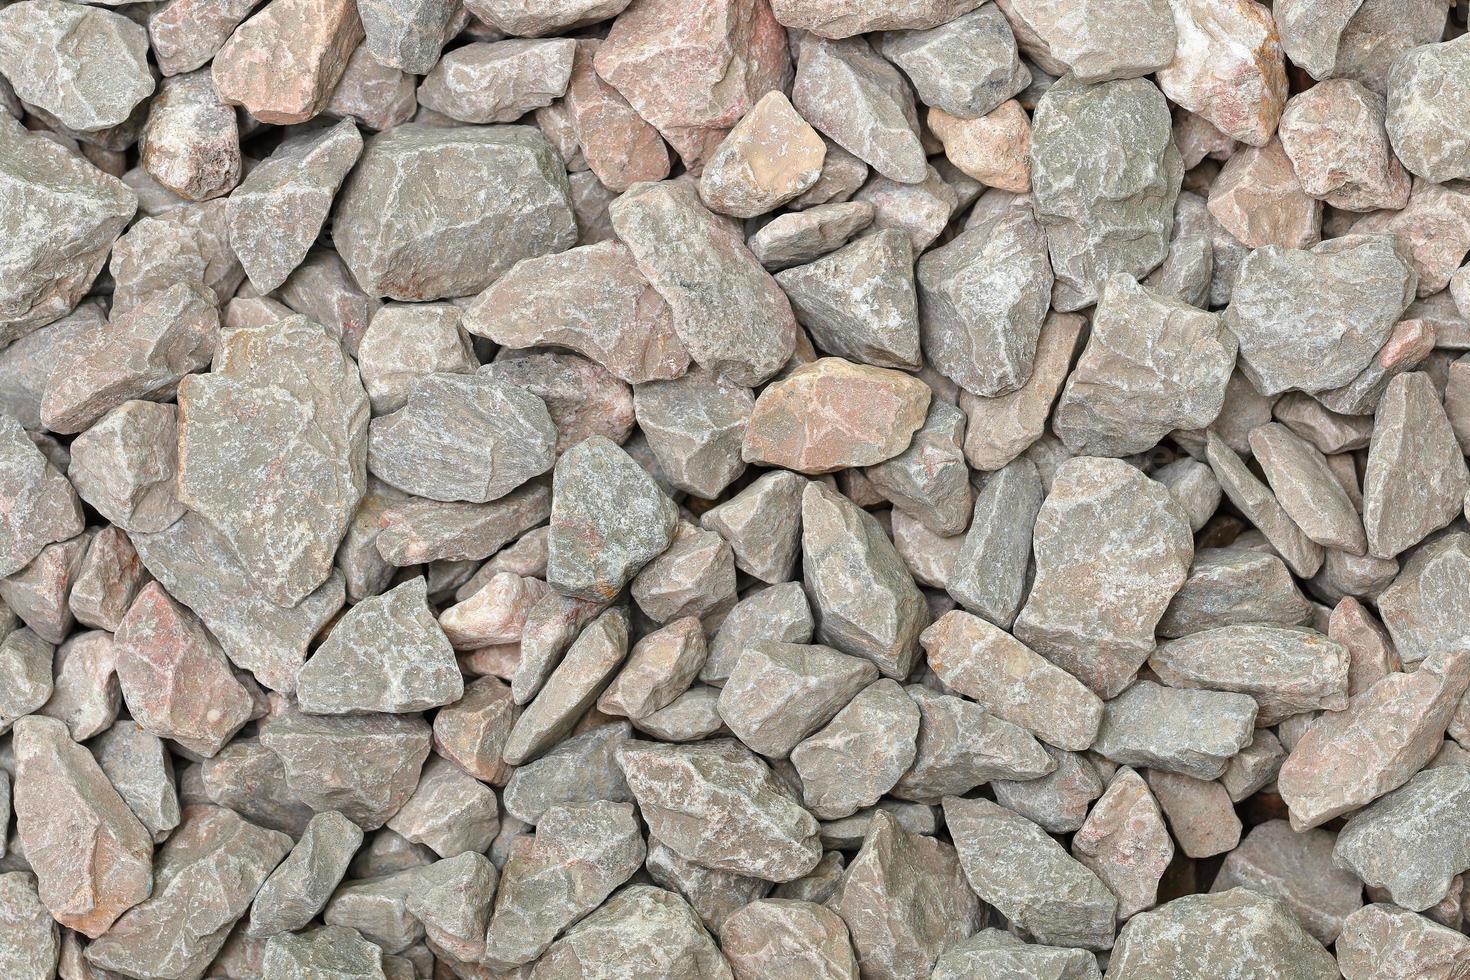 roca metamórfica para mezclar hormigón foto